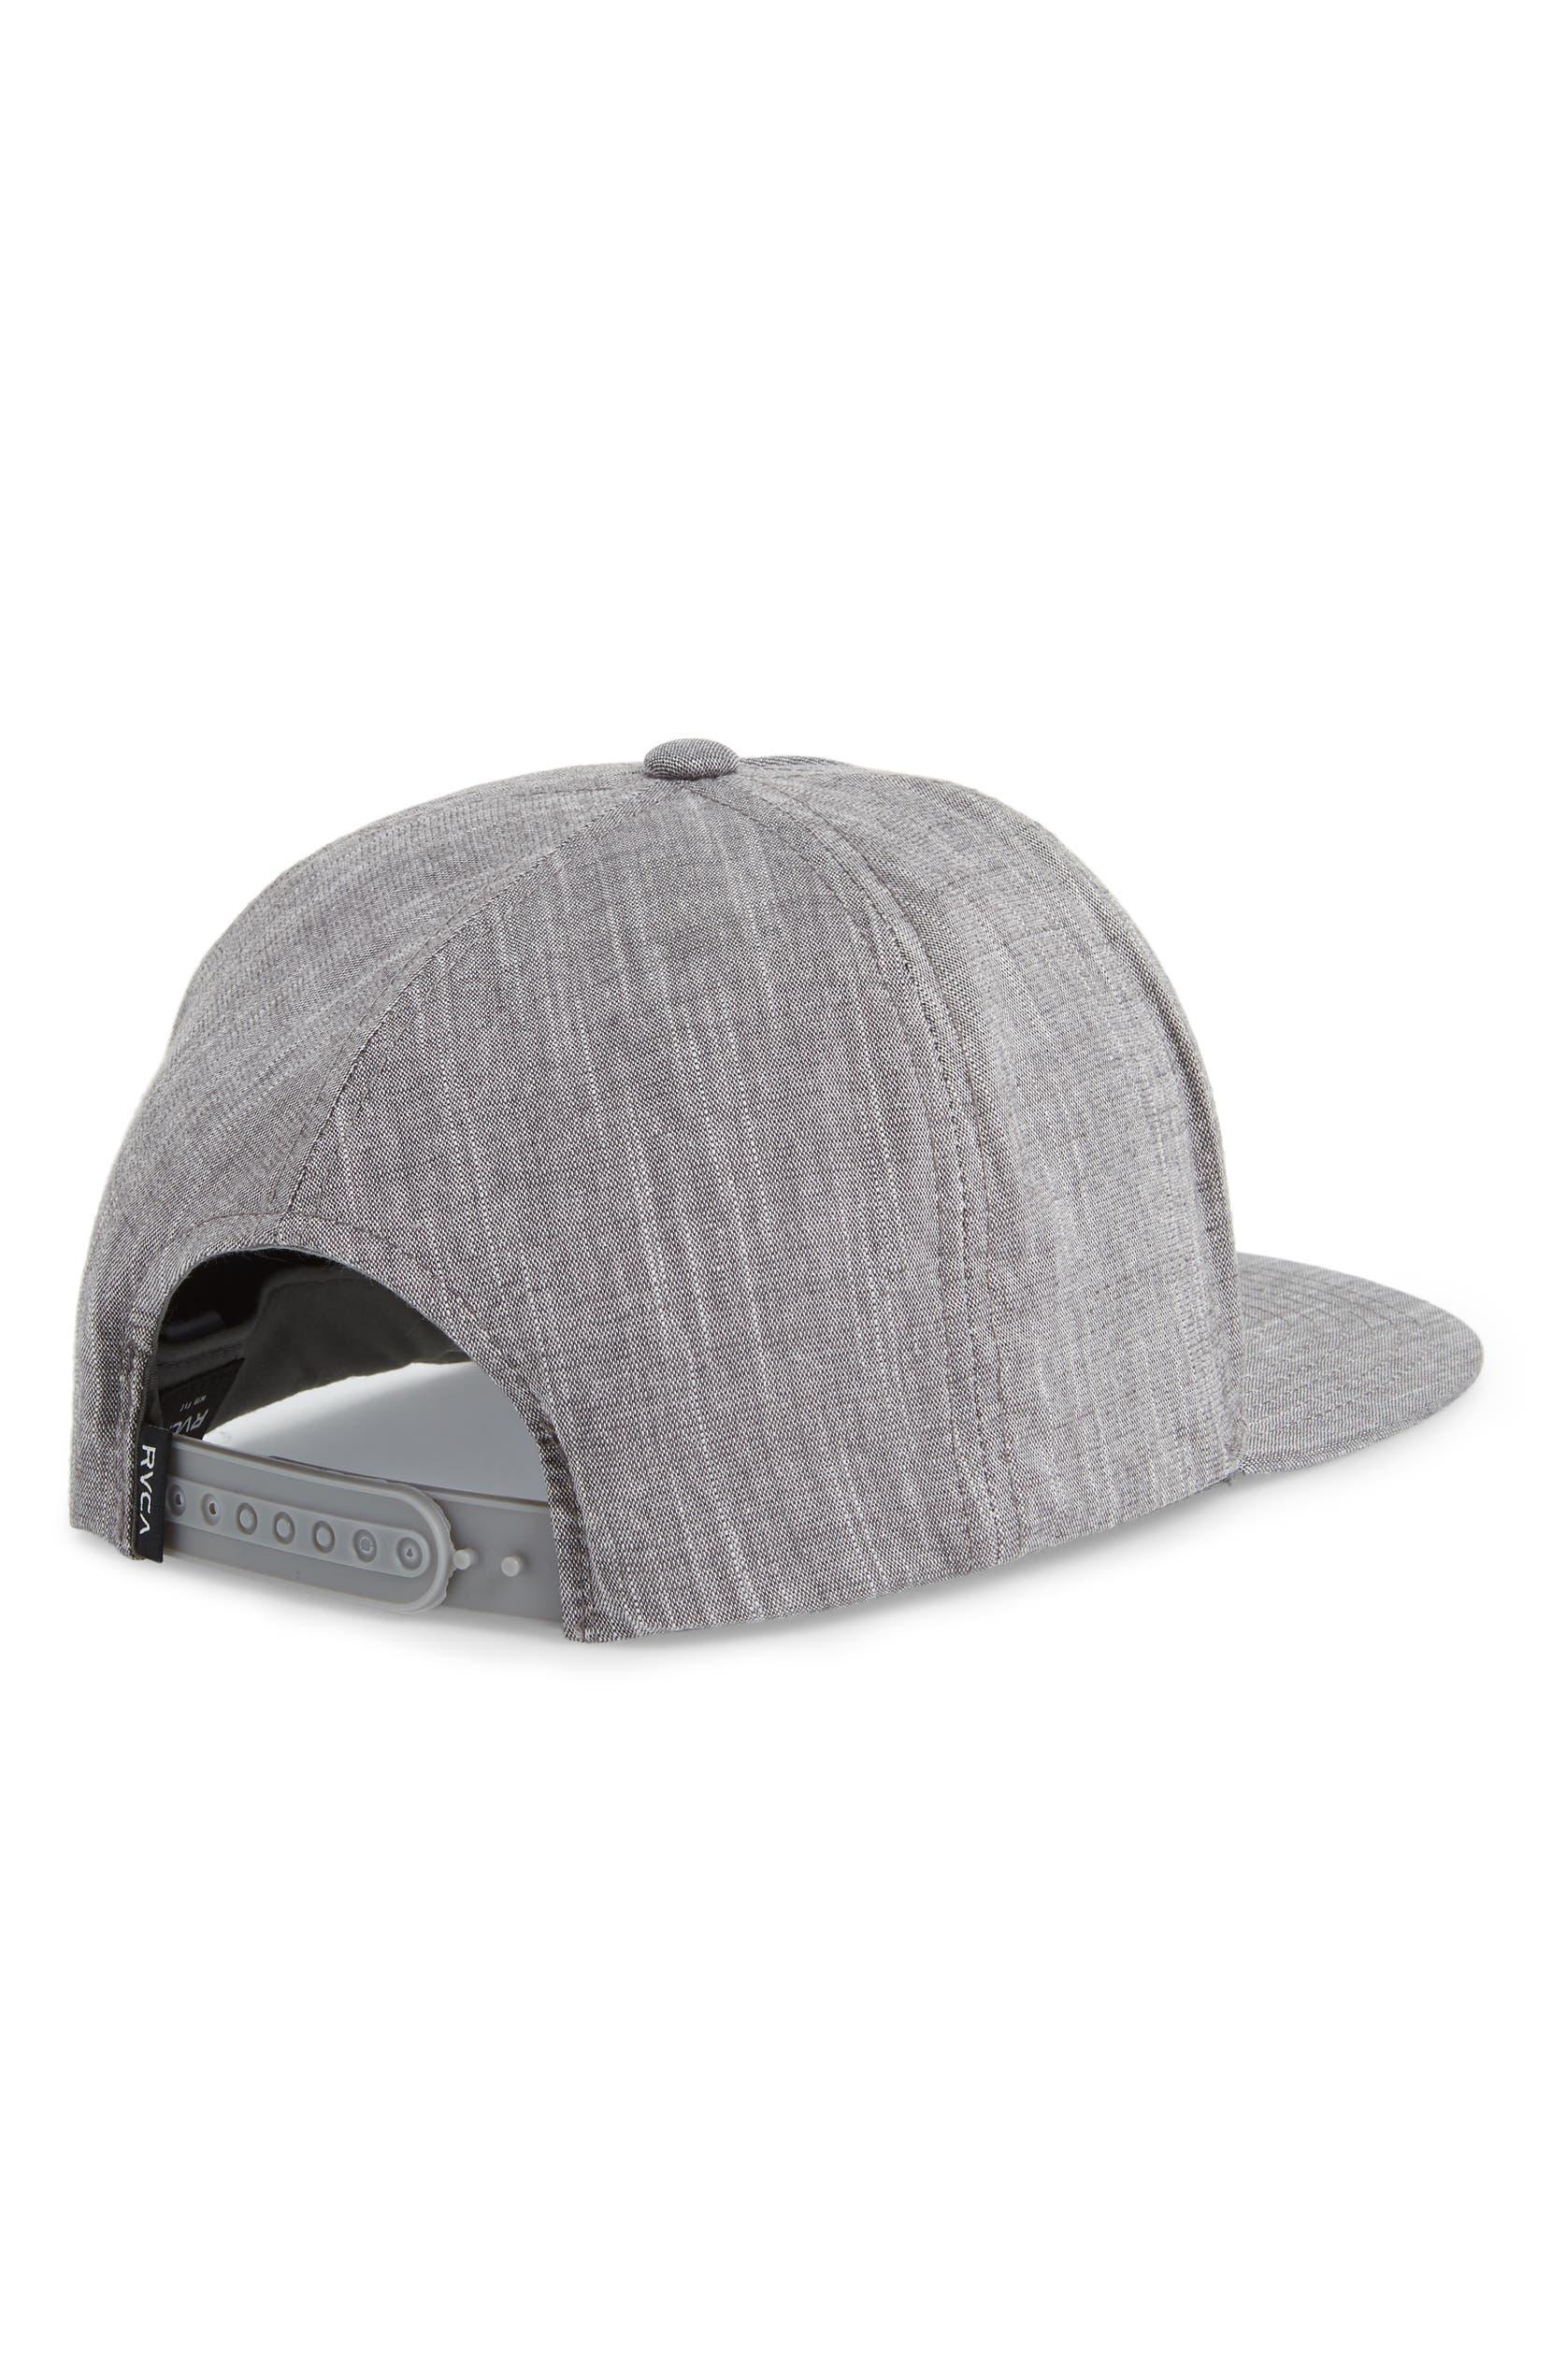 a2d230dc6c6 RVCA Finley Snapback Cap